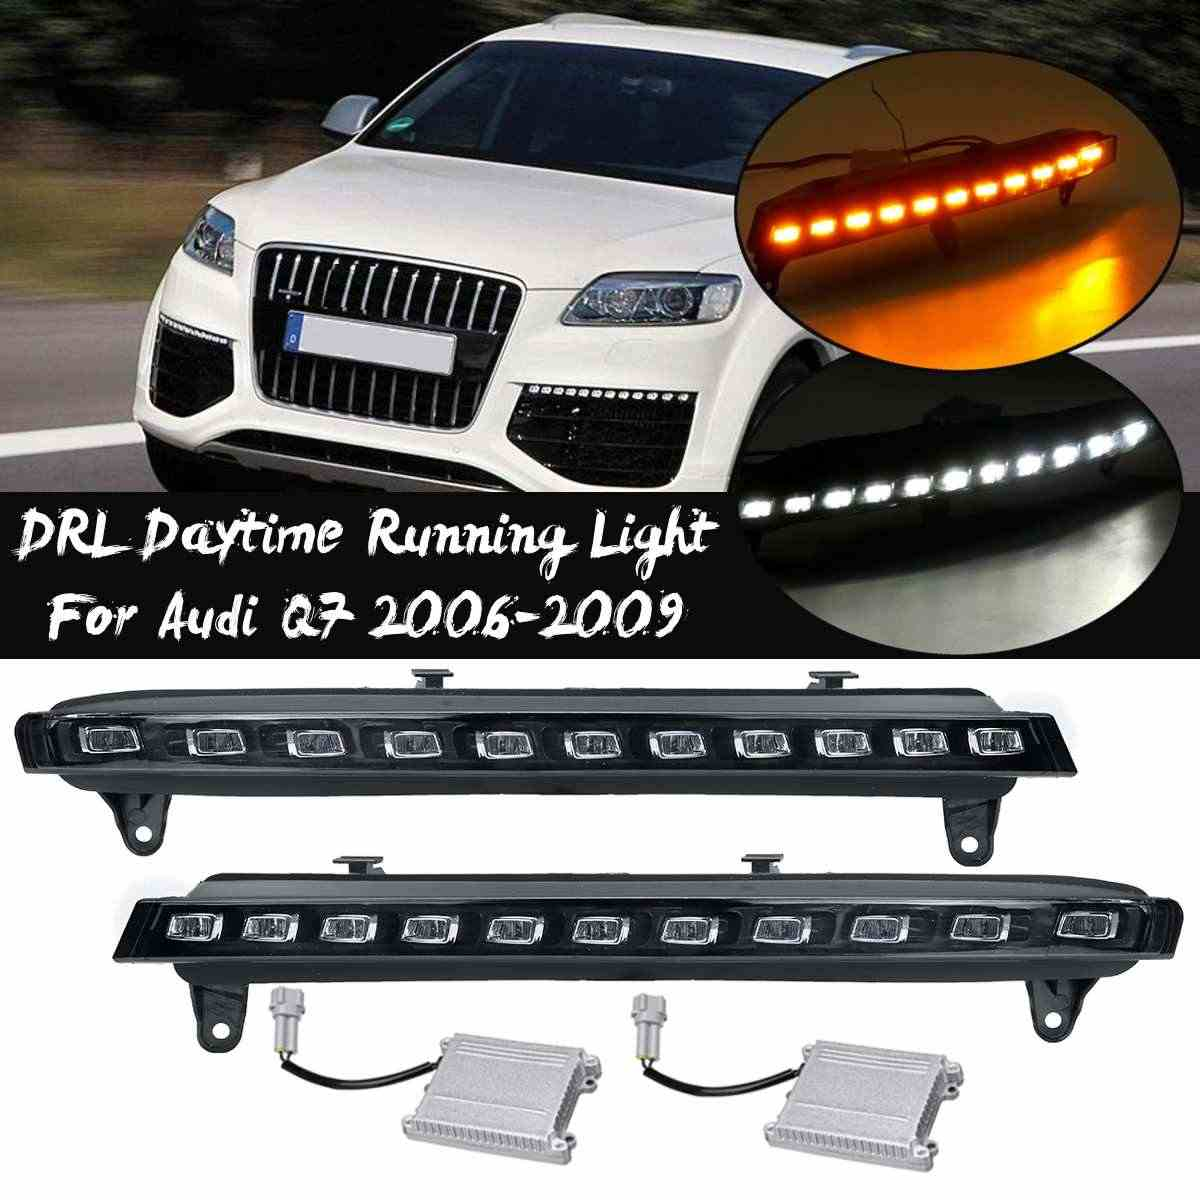 ด้านหน้ากันชน LED TURN ไฟสัญญาณสำหรับ Audi Q7 2006-2009 ไฟตัดหมอกไฟวิ่งกลางวัน DRL Blink ไฟหน้าอุปกรณ์เสริม